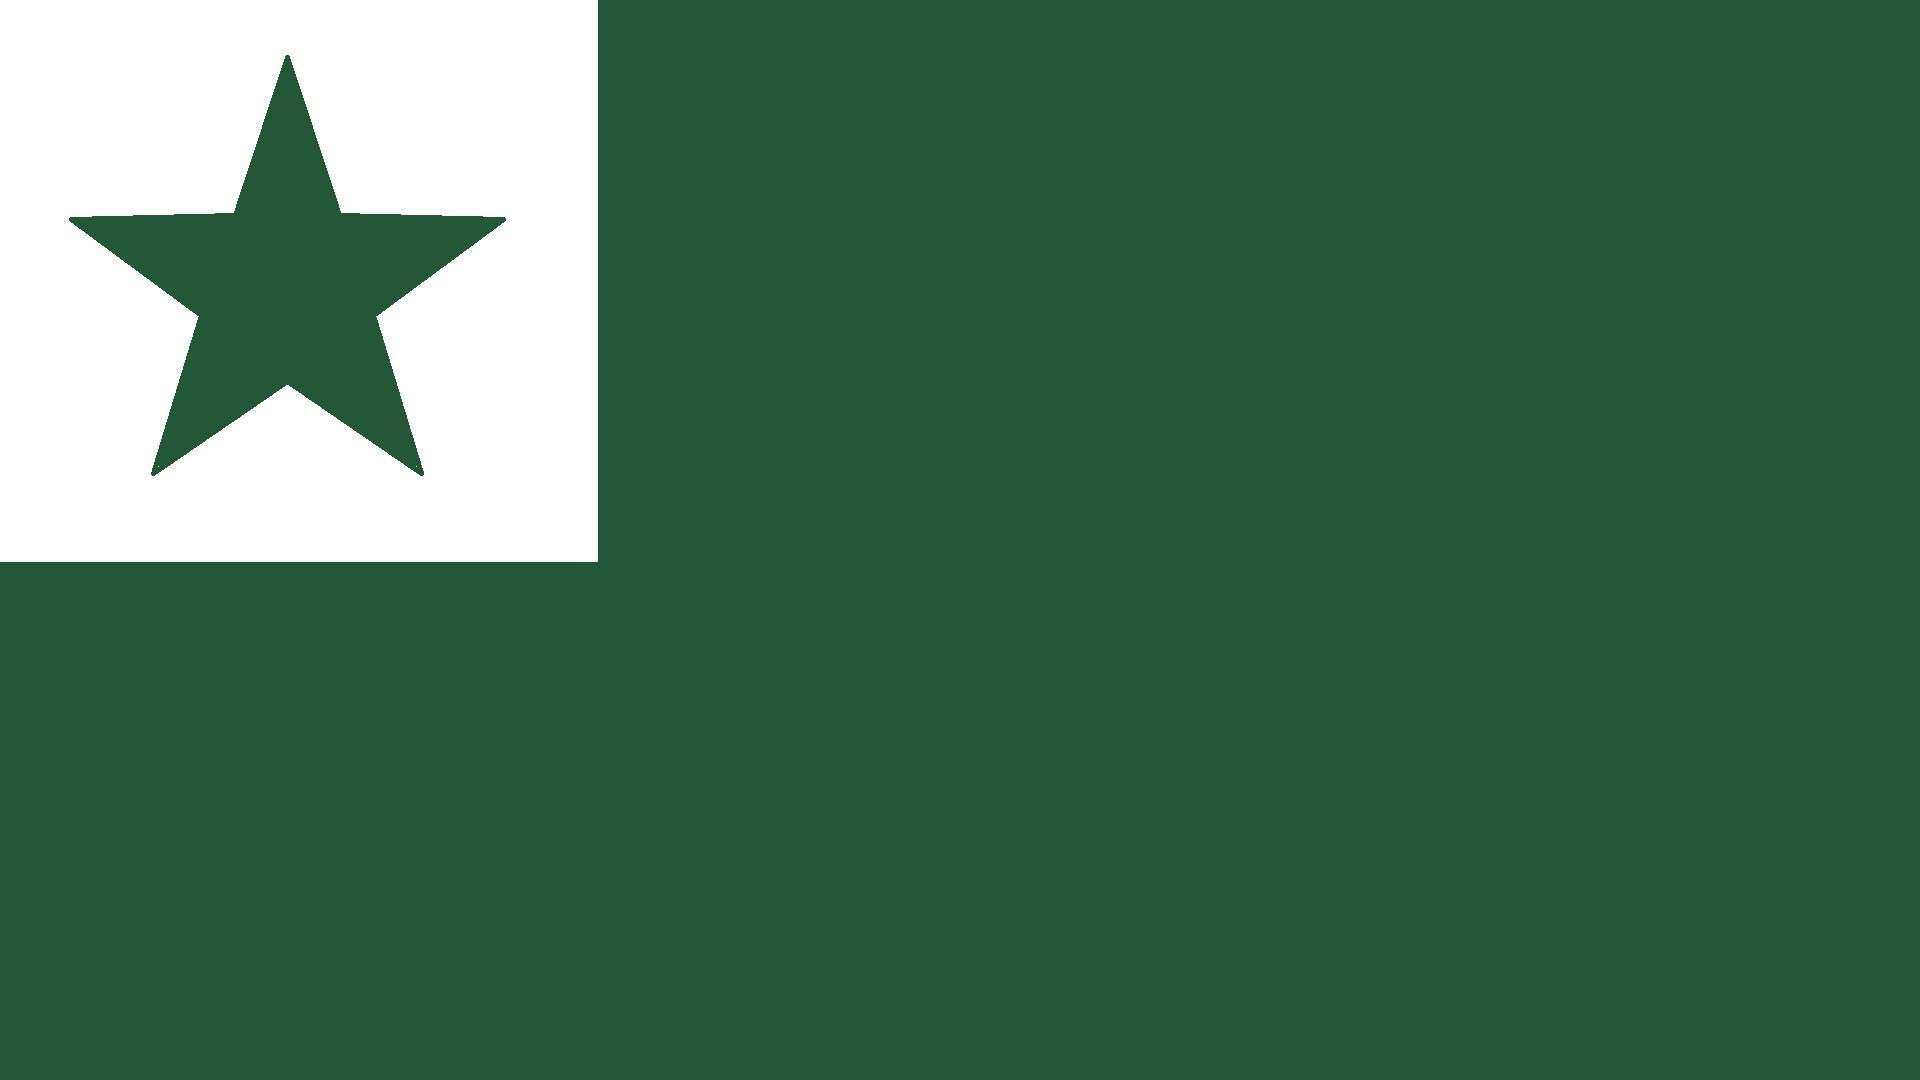 世界語初學者的一些感受 - 知乎